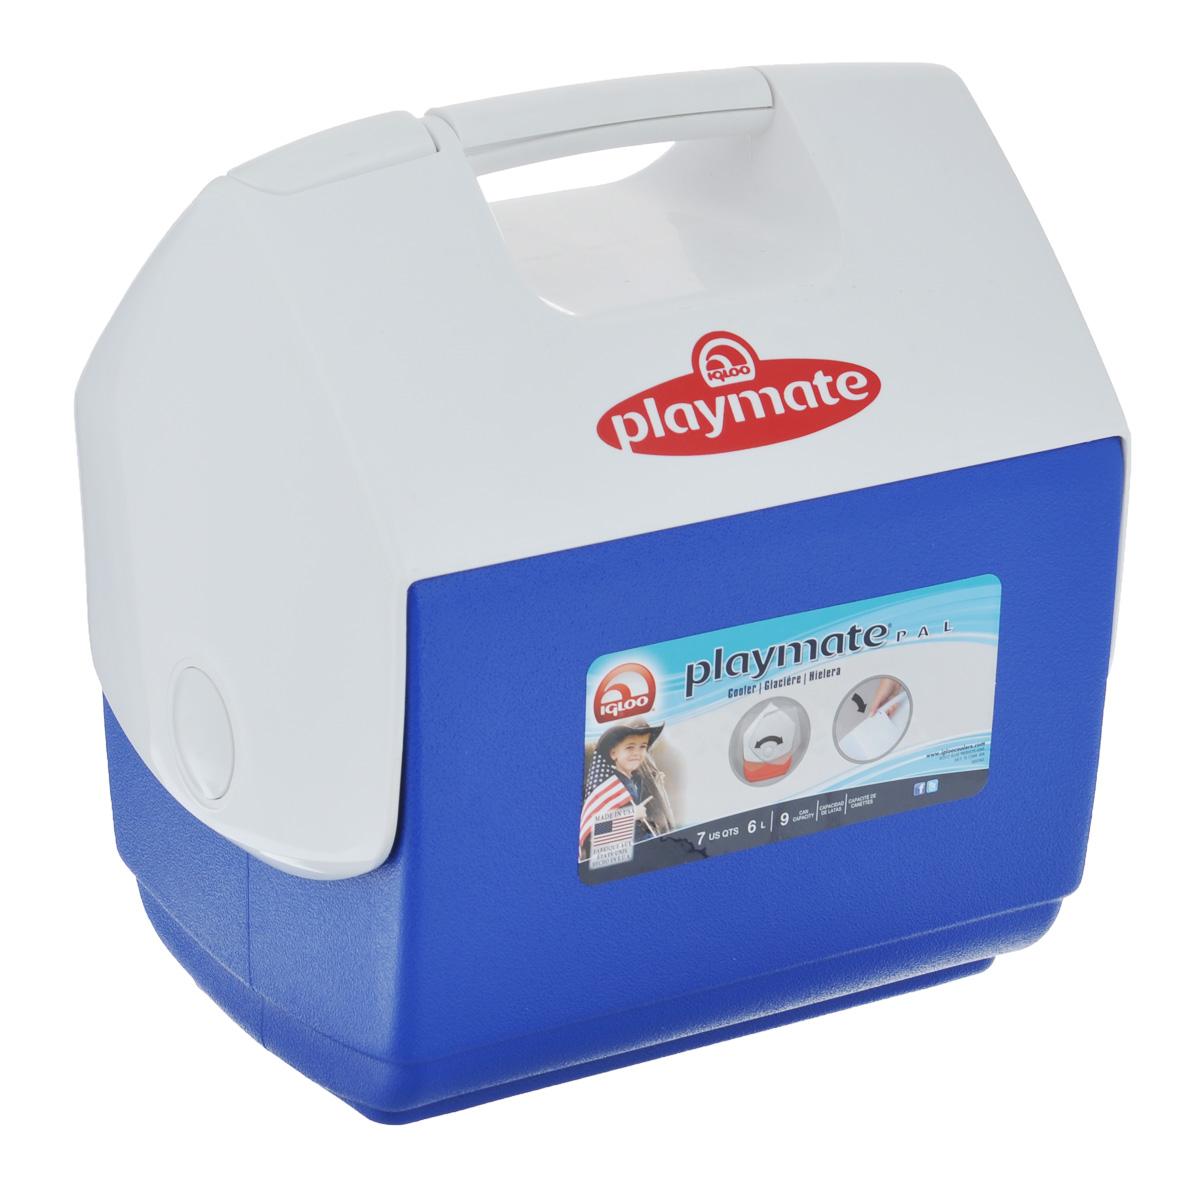 Изотермический контейнер Igloo Playmate Pal, цвет: синий, 6 л10503Легкий и прочный изотермический контейнер Igloo Playmate Pal, изготовленный из высококачественного пластика, предназначен для транспортировки и хранения продуктов и напитков. Для поддержания температуры использовать с аккумуляторами холода.Особенности изотермического контейнера Igloo Playmate Pal: - оригинальный замок на верхней крышки Playmate-Realise для открывания одной рукой;- крышка распахивается, обеспечивая легкий доступ к содержимому; - фирменный дизайн Playmate; - защелка надежно фиксирует крышку; - UltraTherm изоляция корпуса и крышки сохраняет содержимое холодным; - эргономичный гладкий дизайн корпуса;- экологически чистые материалы. Размер контейнера: 27 см х 21 см х 29,5 см.Объем контейнера: 6 л.